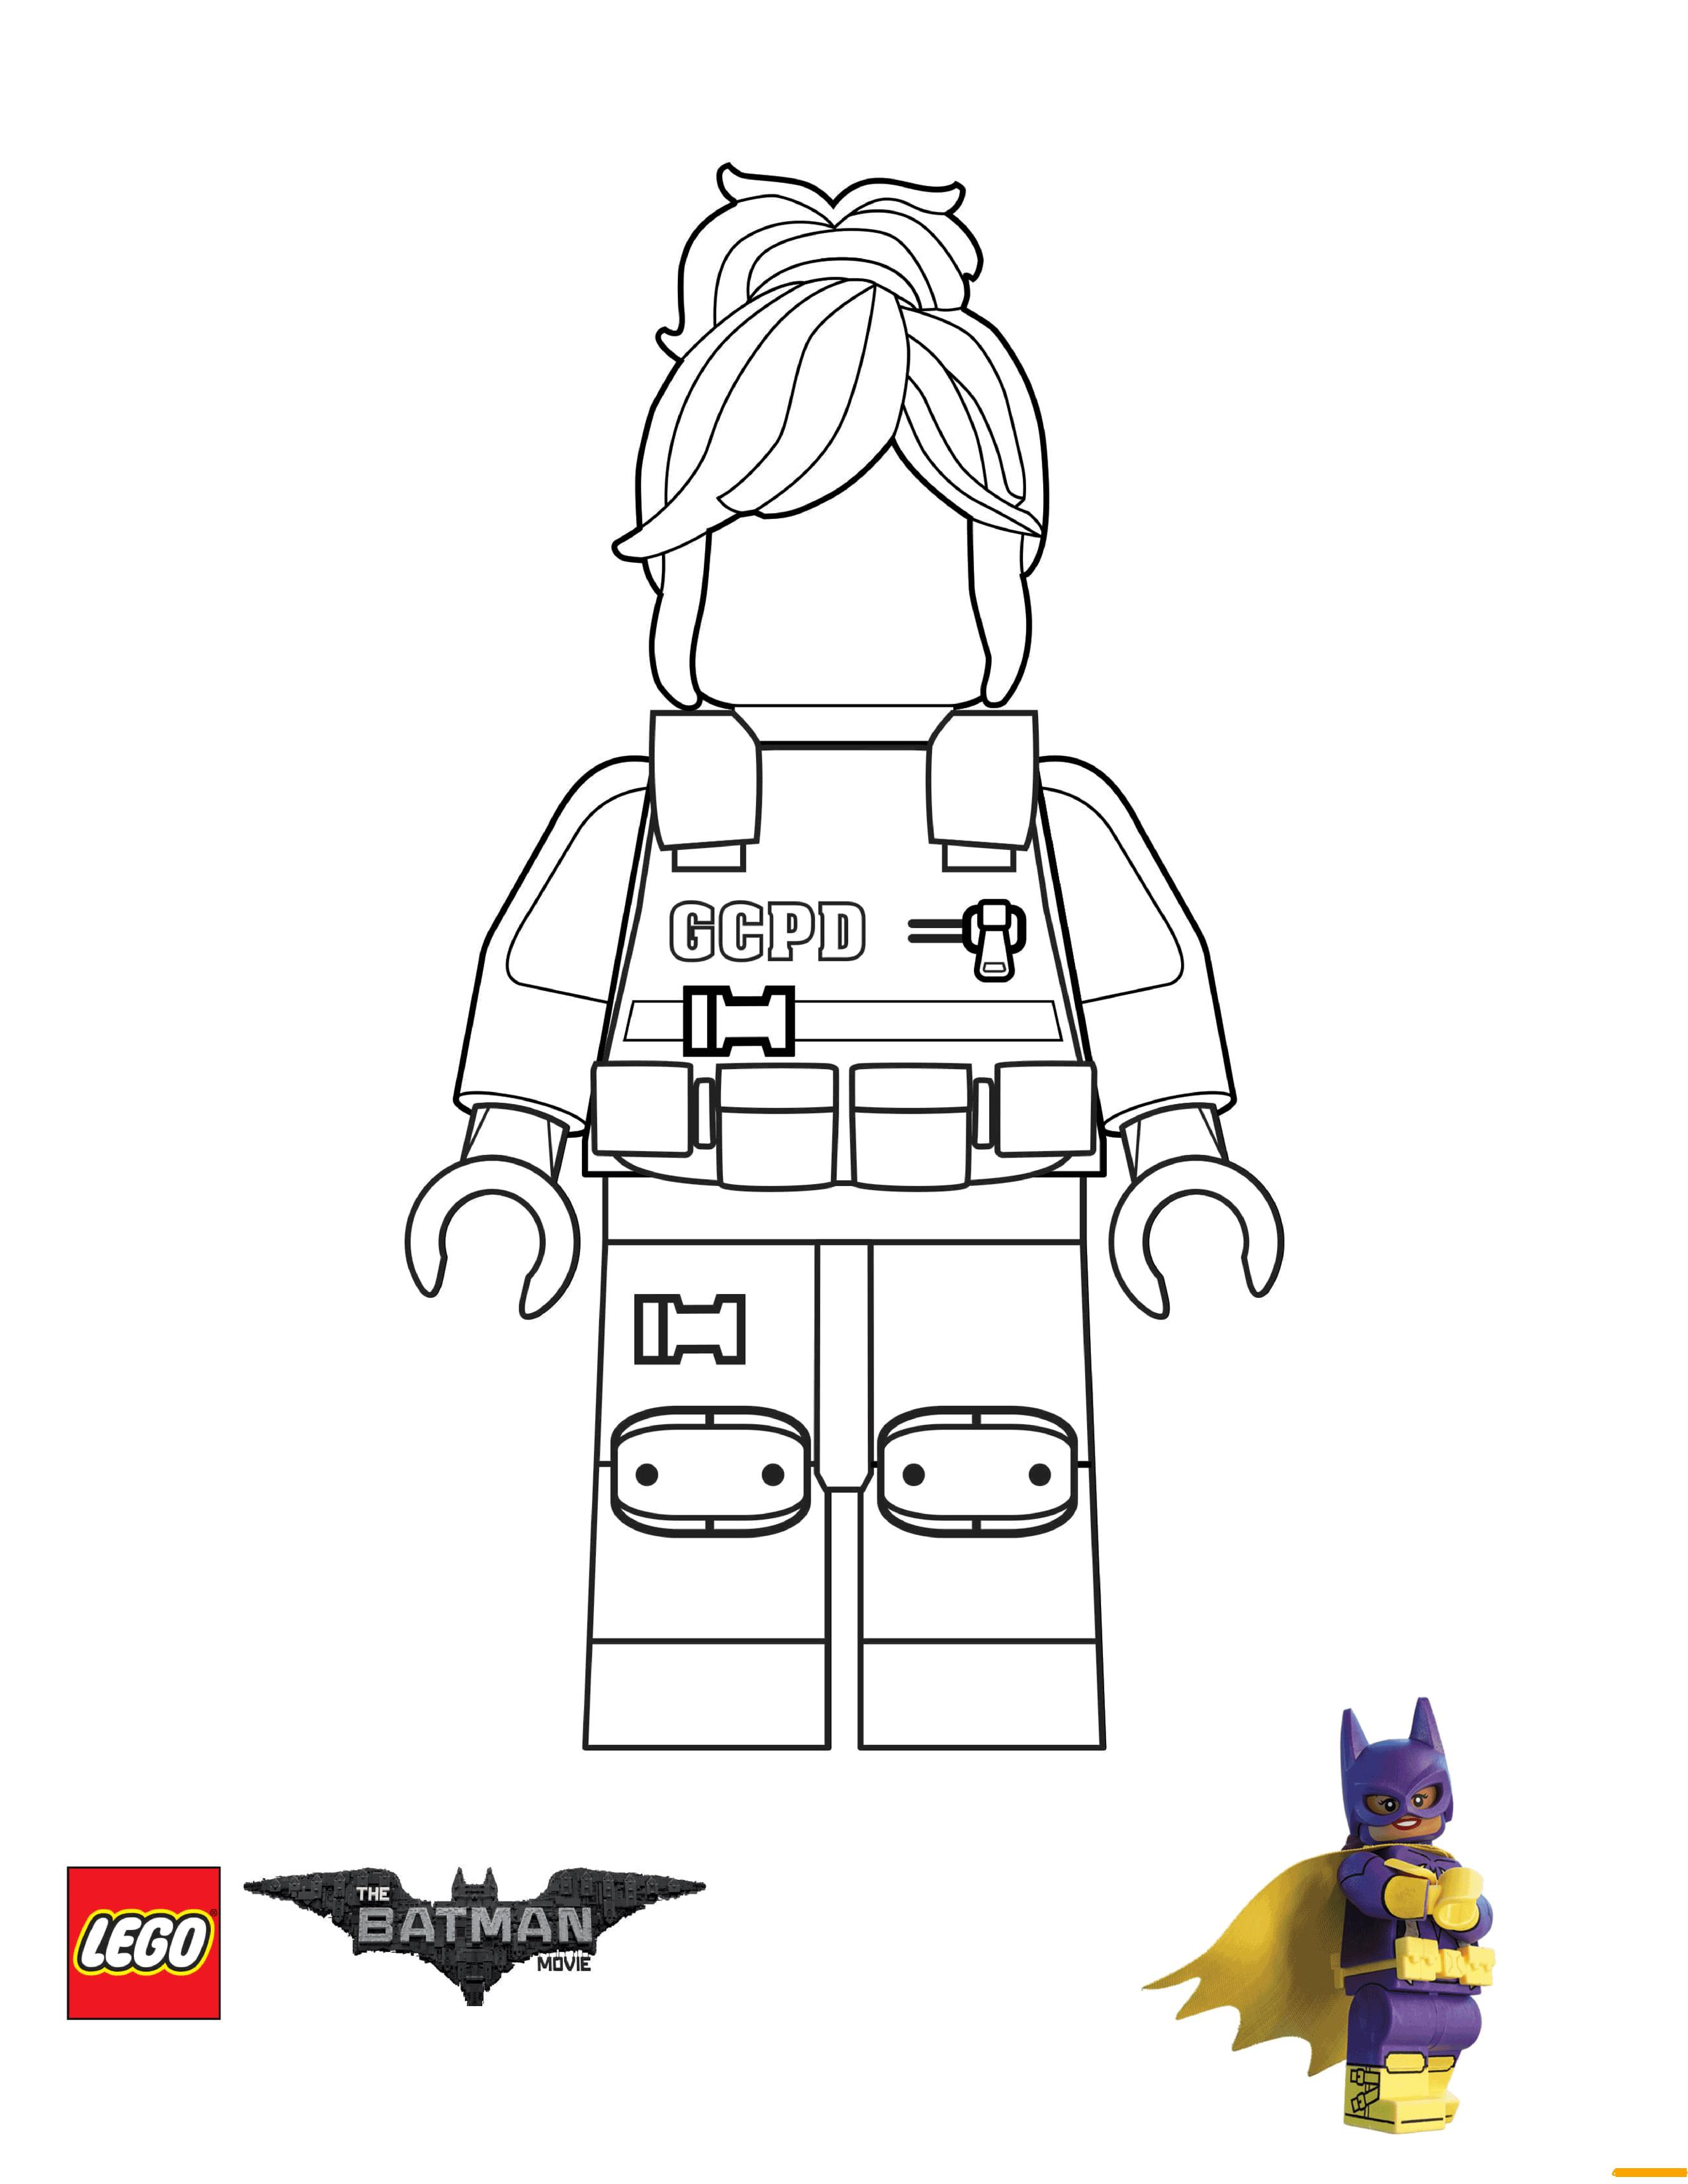 GCPD Barbara Gordon Lego Batman Movie Coloring Page Free